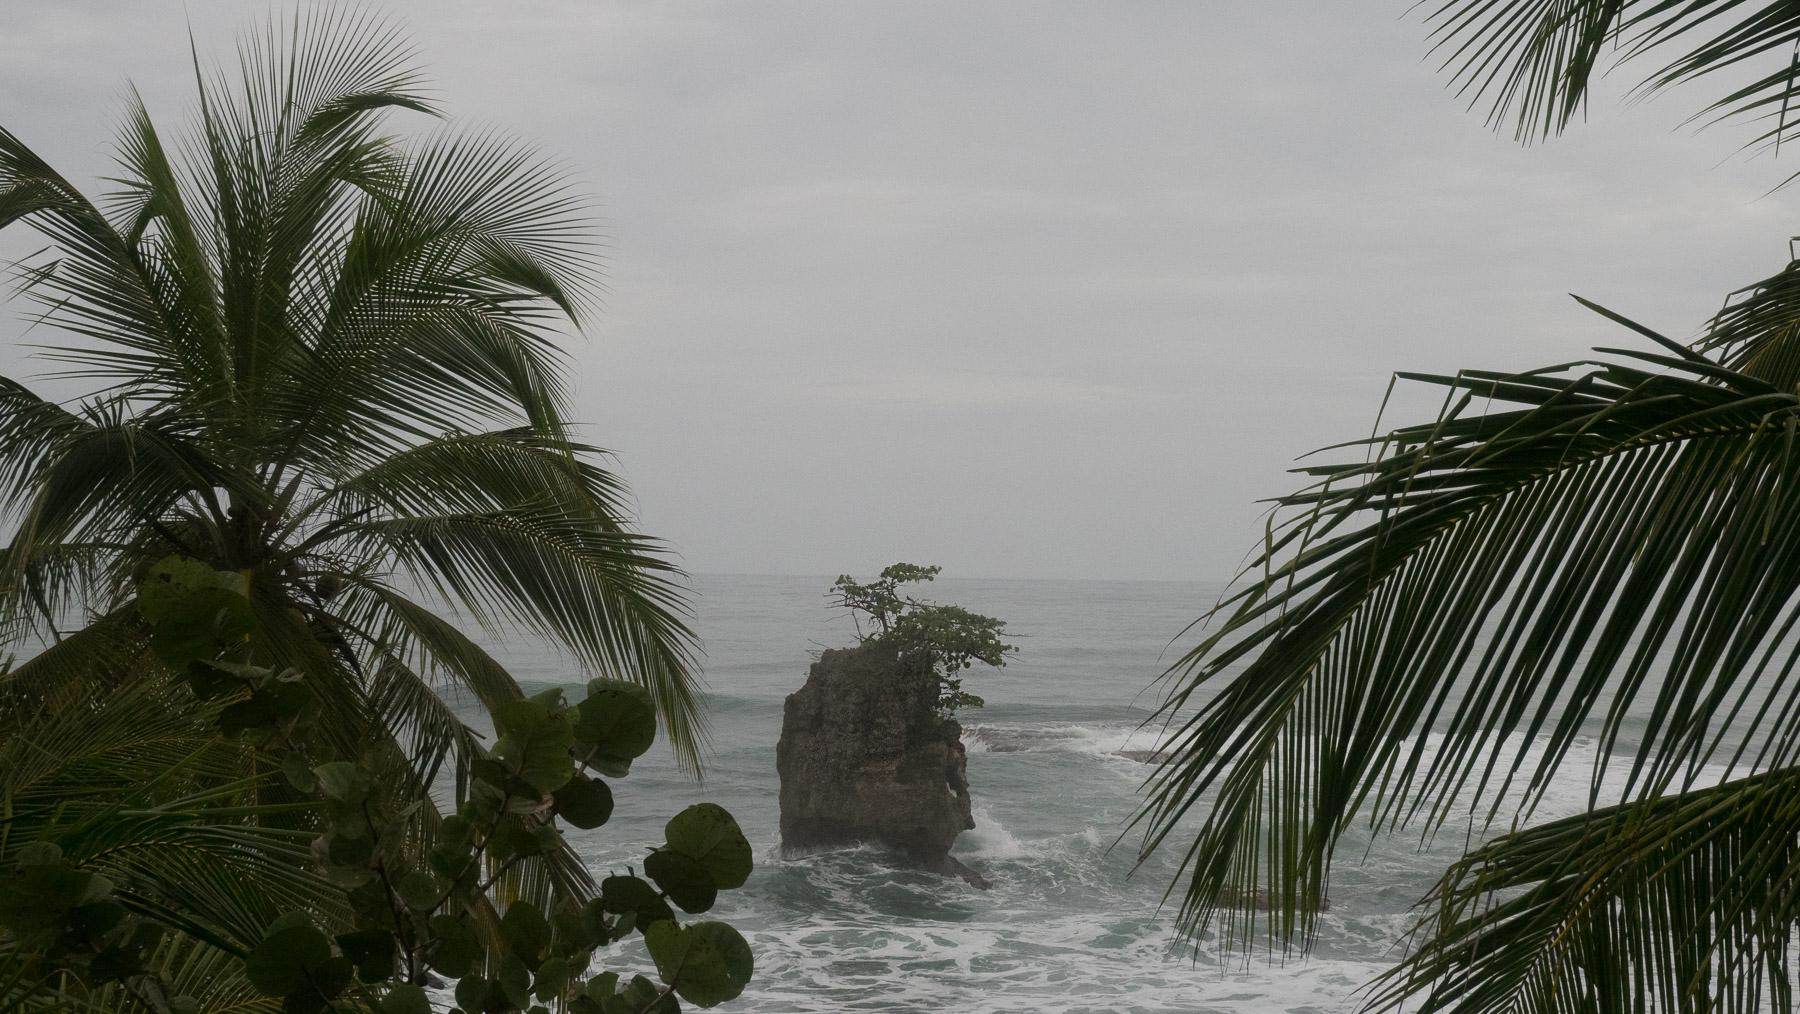 Keine fröhliche Badestrandstimmung an den Karibikstränden in Costa Rica